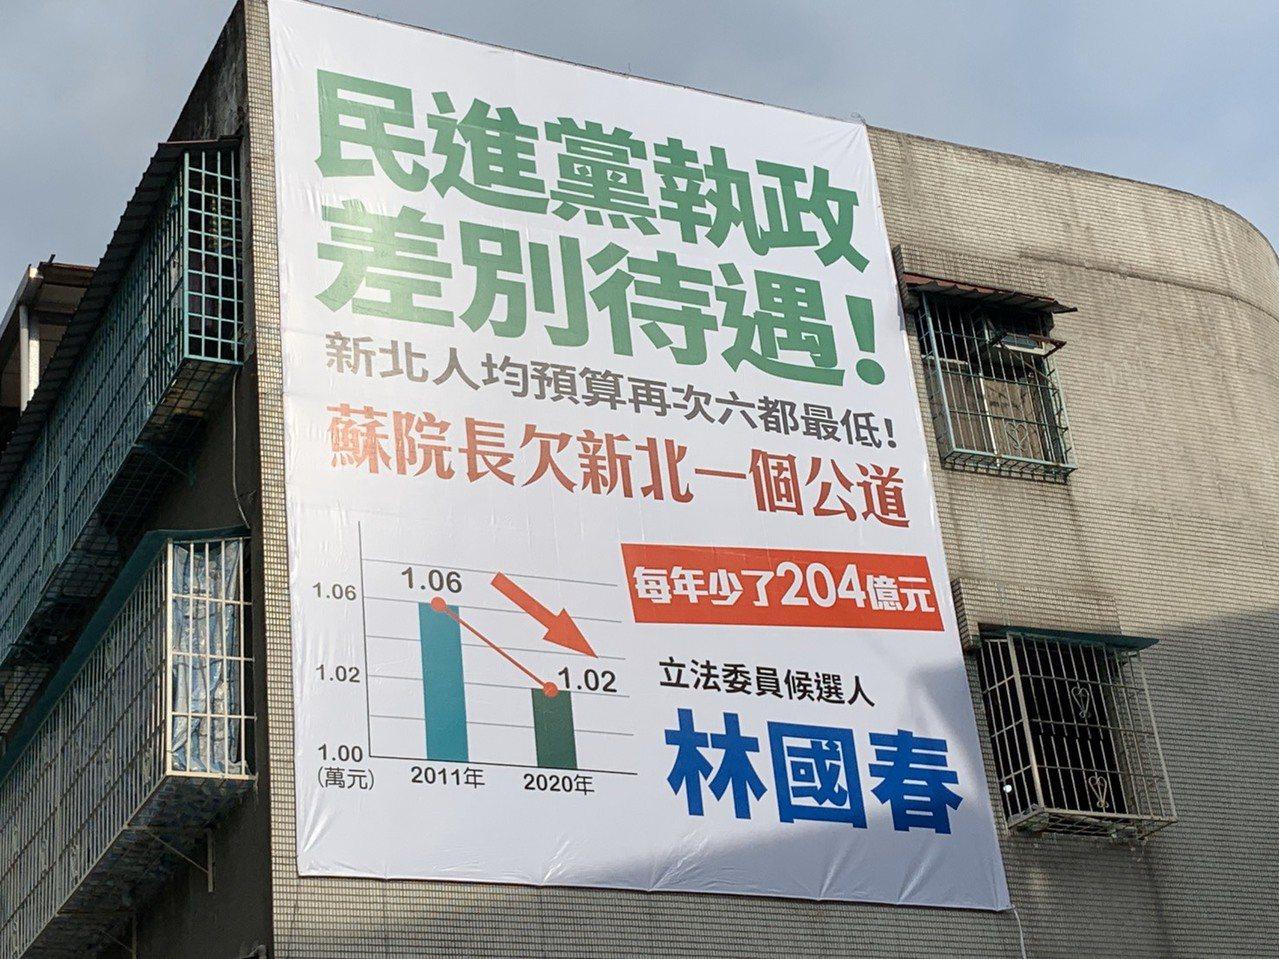 國民黨立委參選人林國春廣告看板上,大大寫著「民進黨執政差別待遇」。記者張曼蘋/攝...